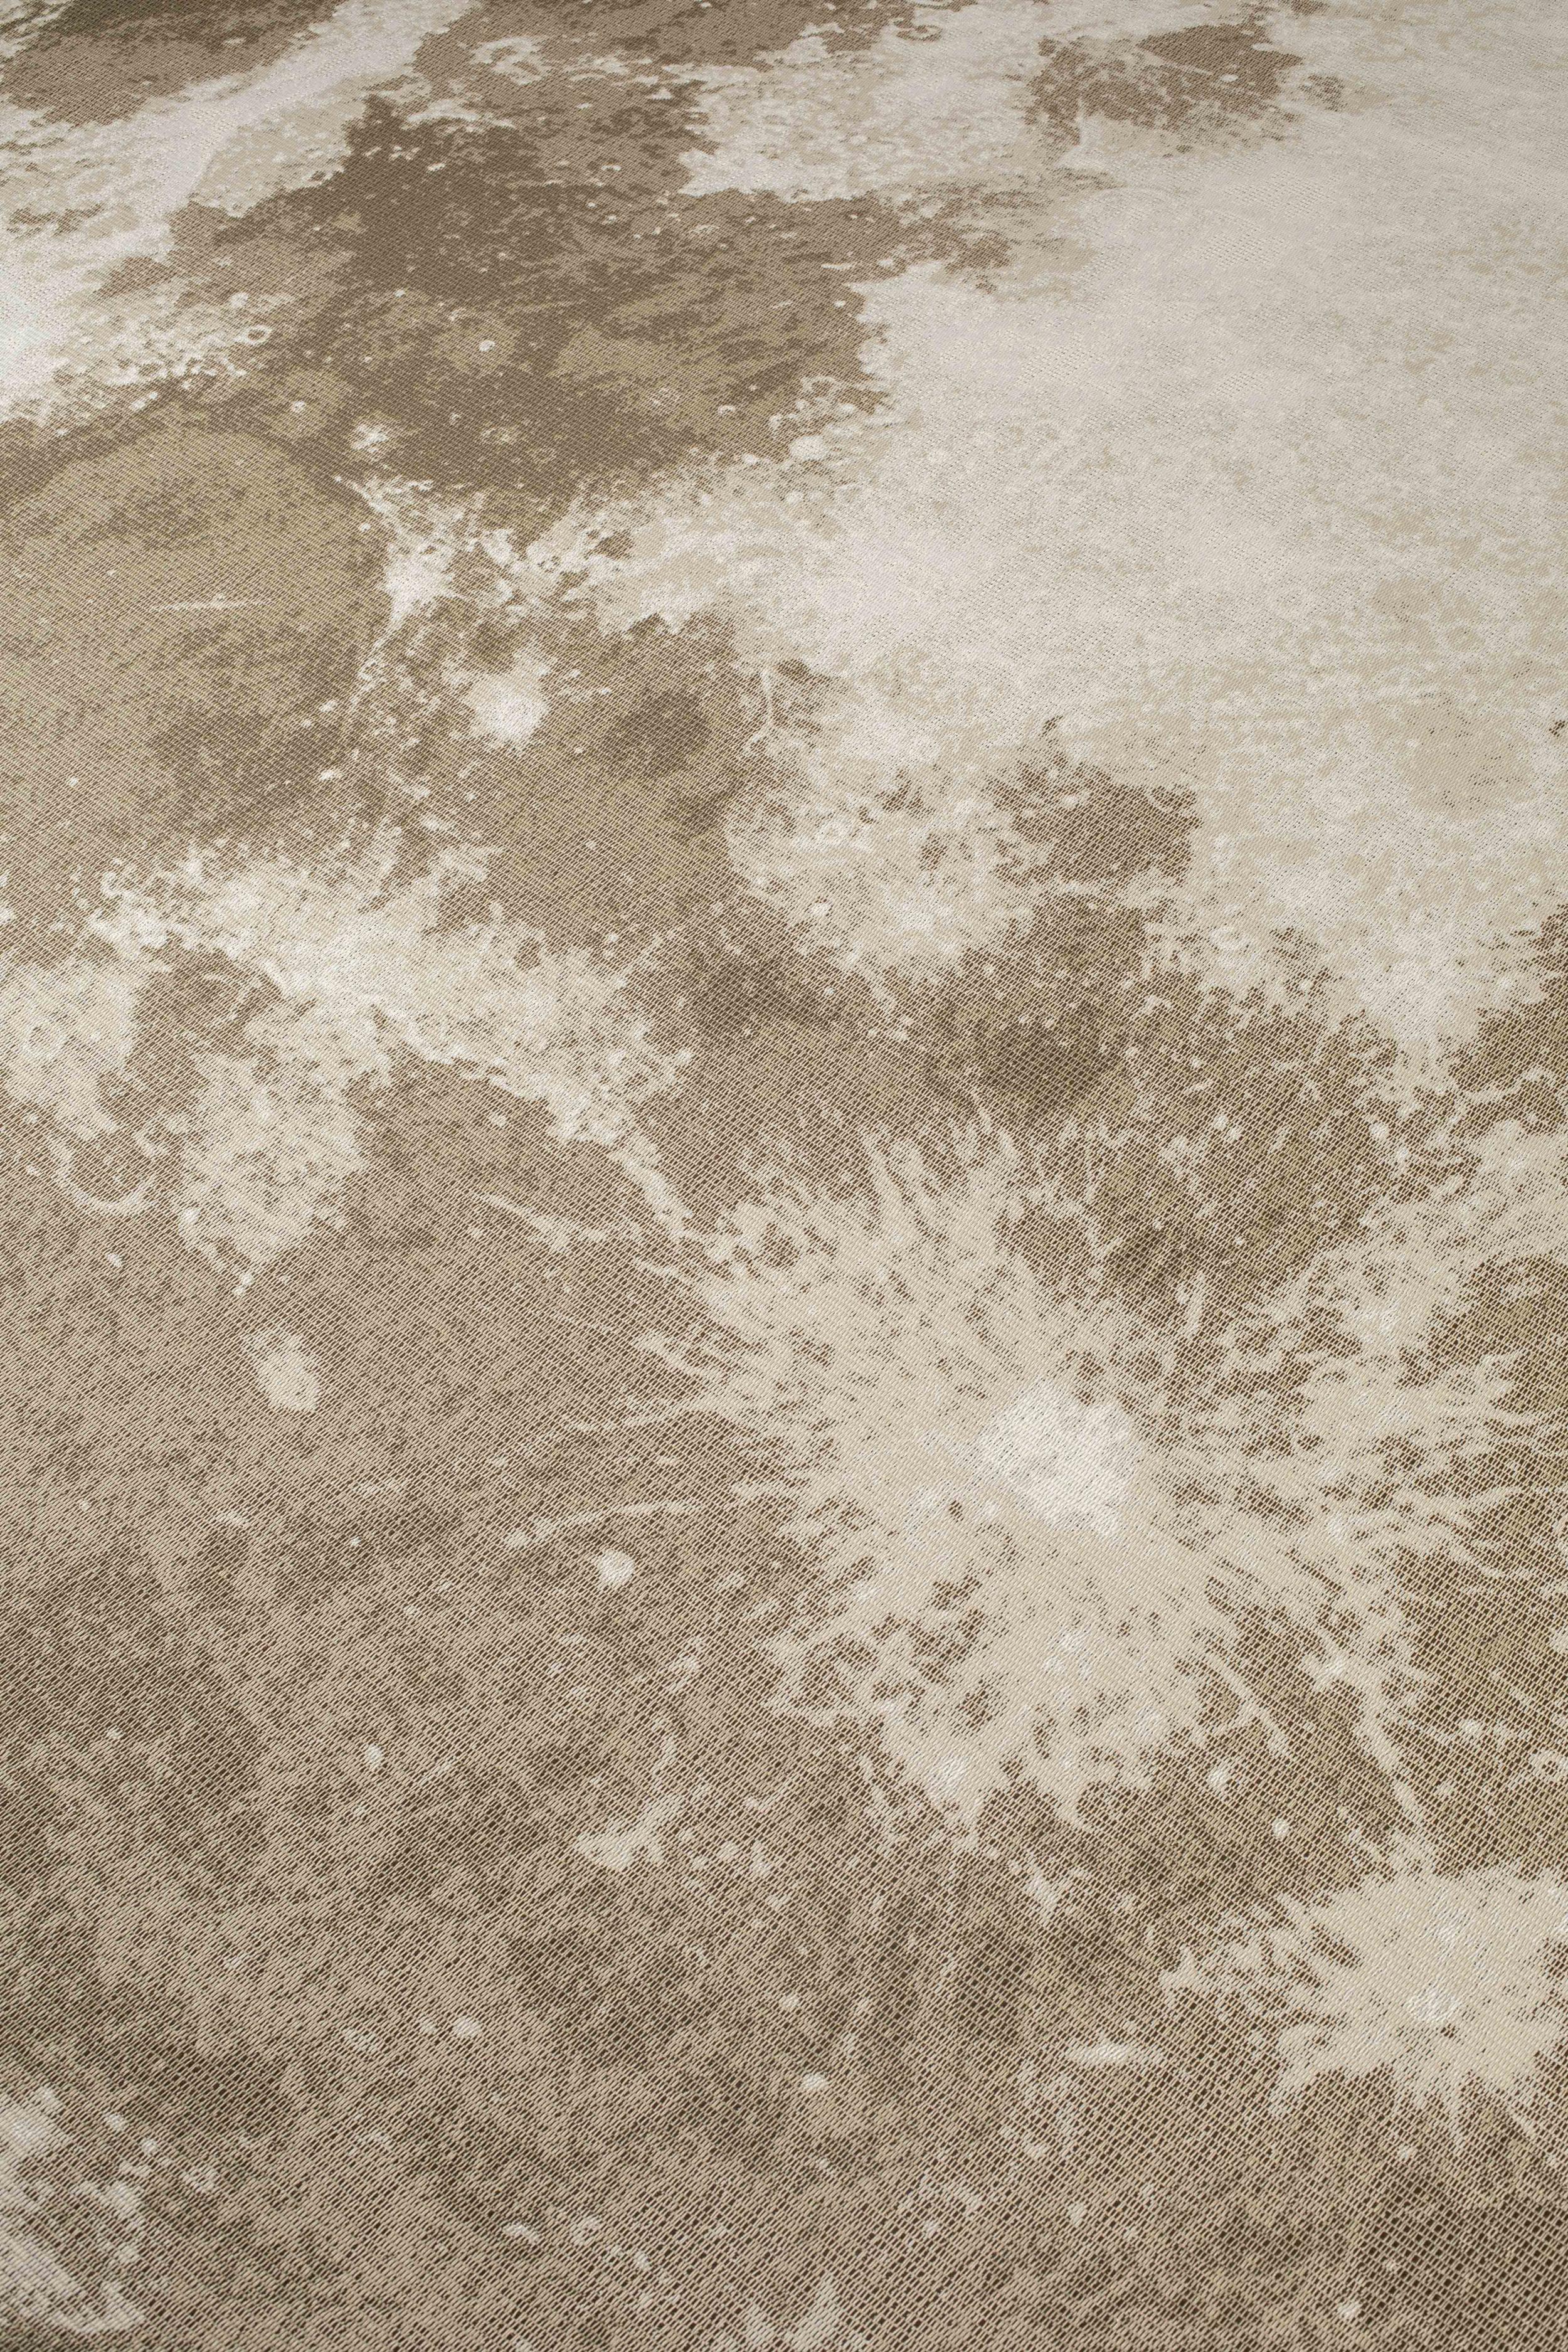 Zuiver Outdoor Vloerkleed Moon Soft Latte - 280 CM